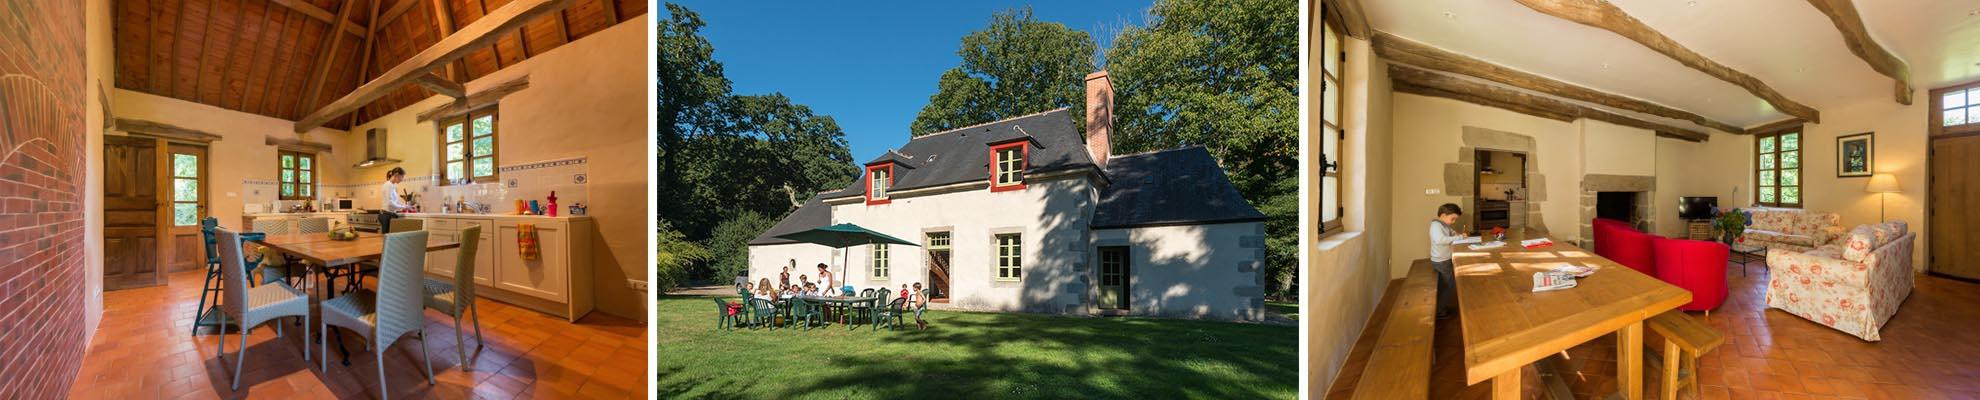 camping-lanniron-maison-parc